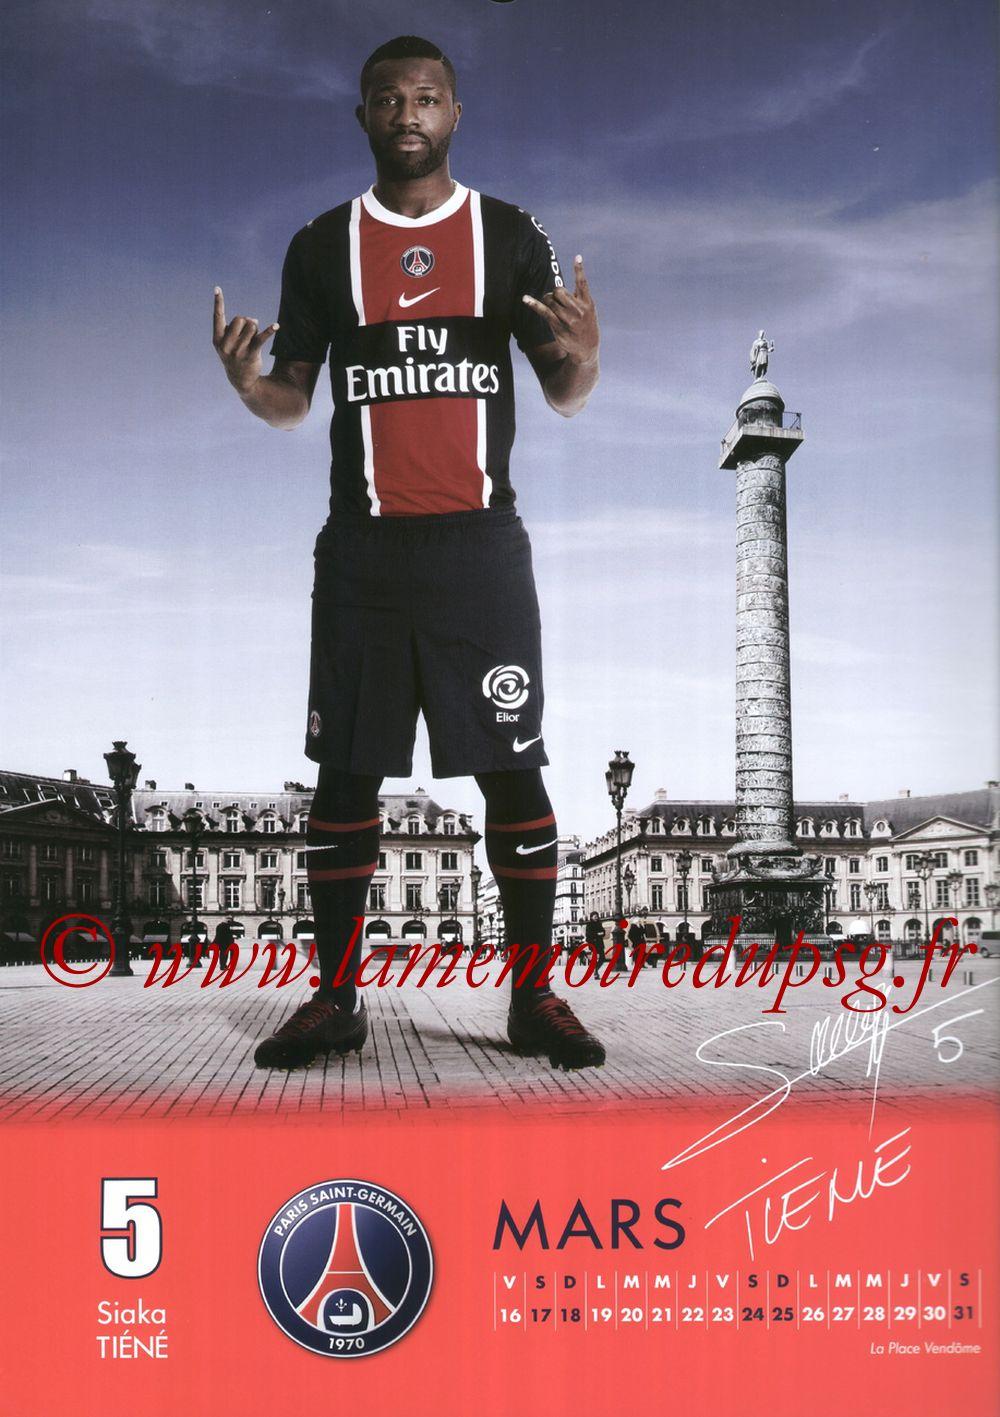 Calendrier PSG 2012 - Page 06 - Siaka TIENE